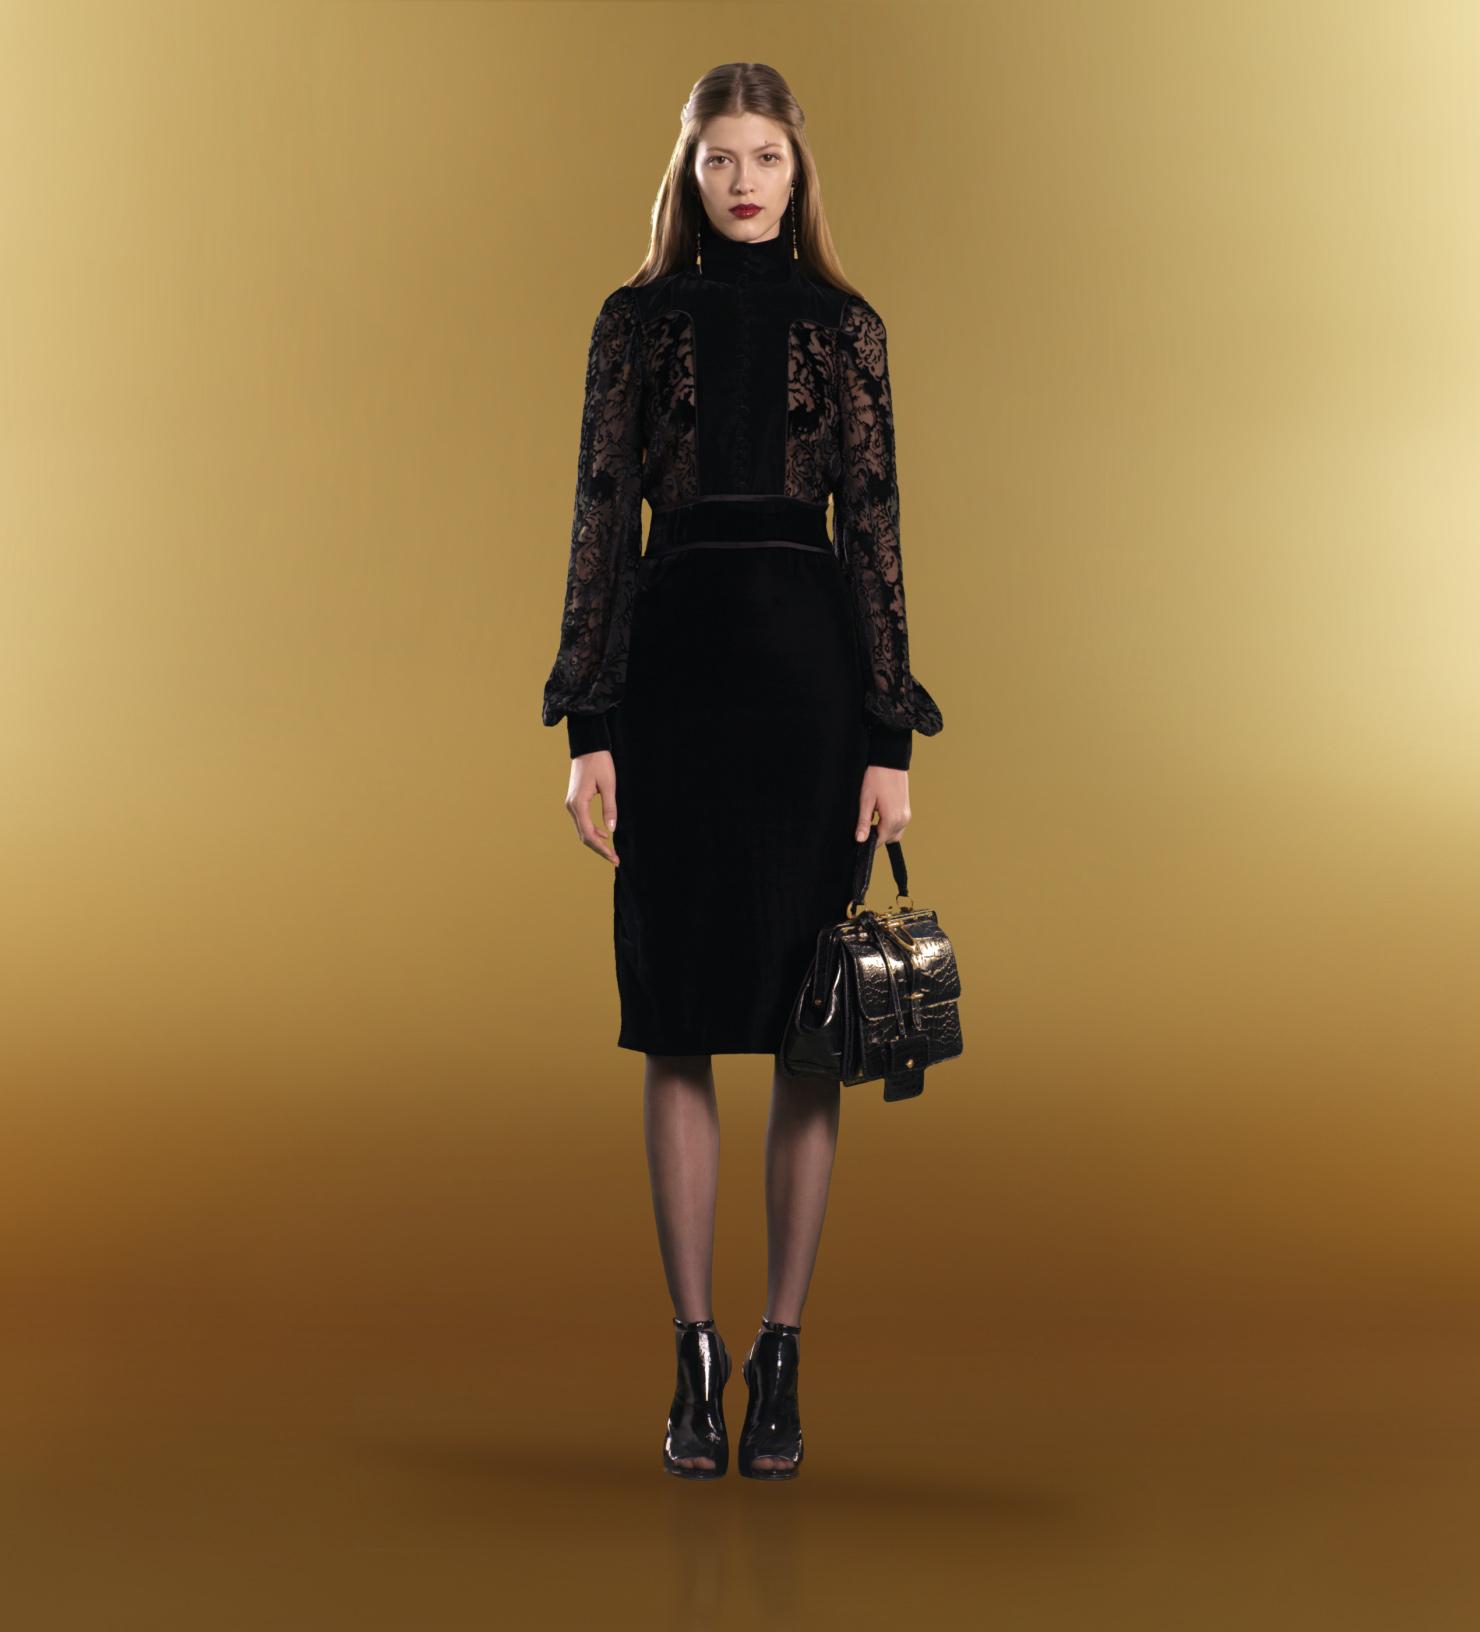 Luxury Dresses for Women